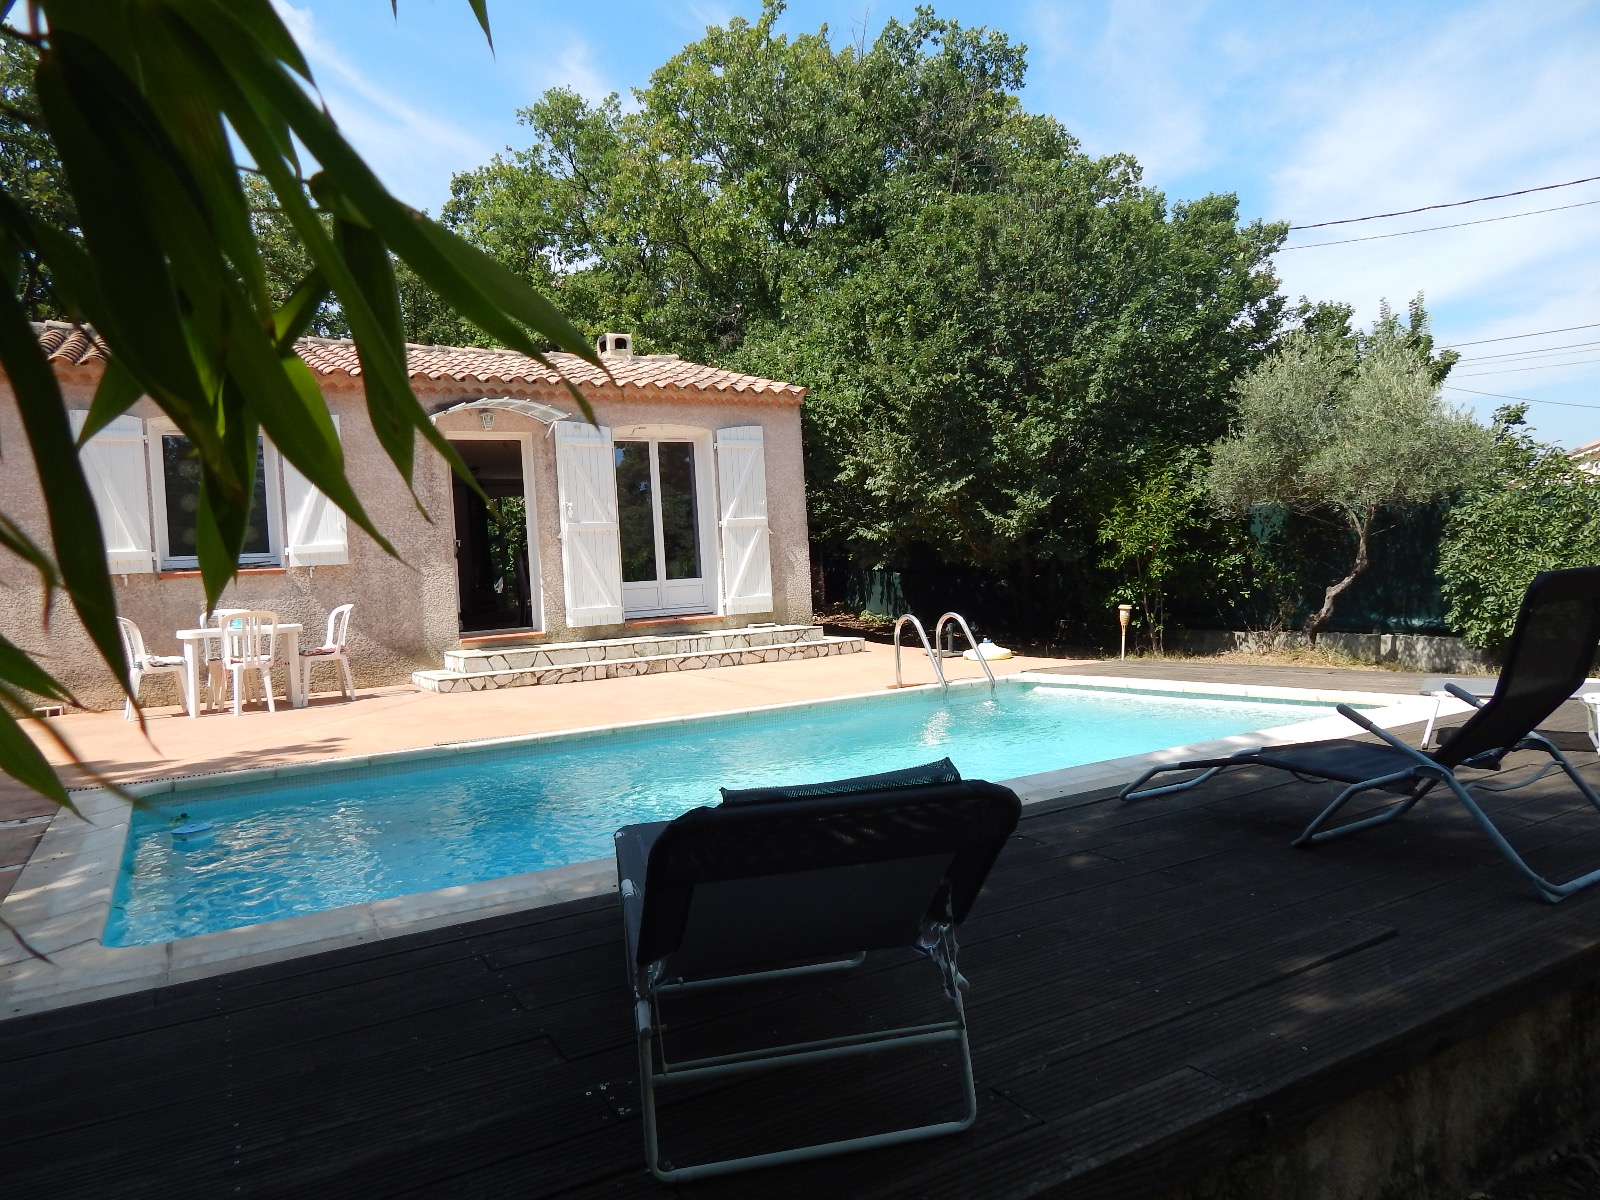 Vente maison t6 avec piscine for Logement immobilier